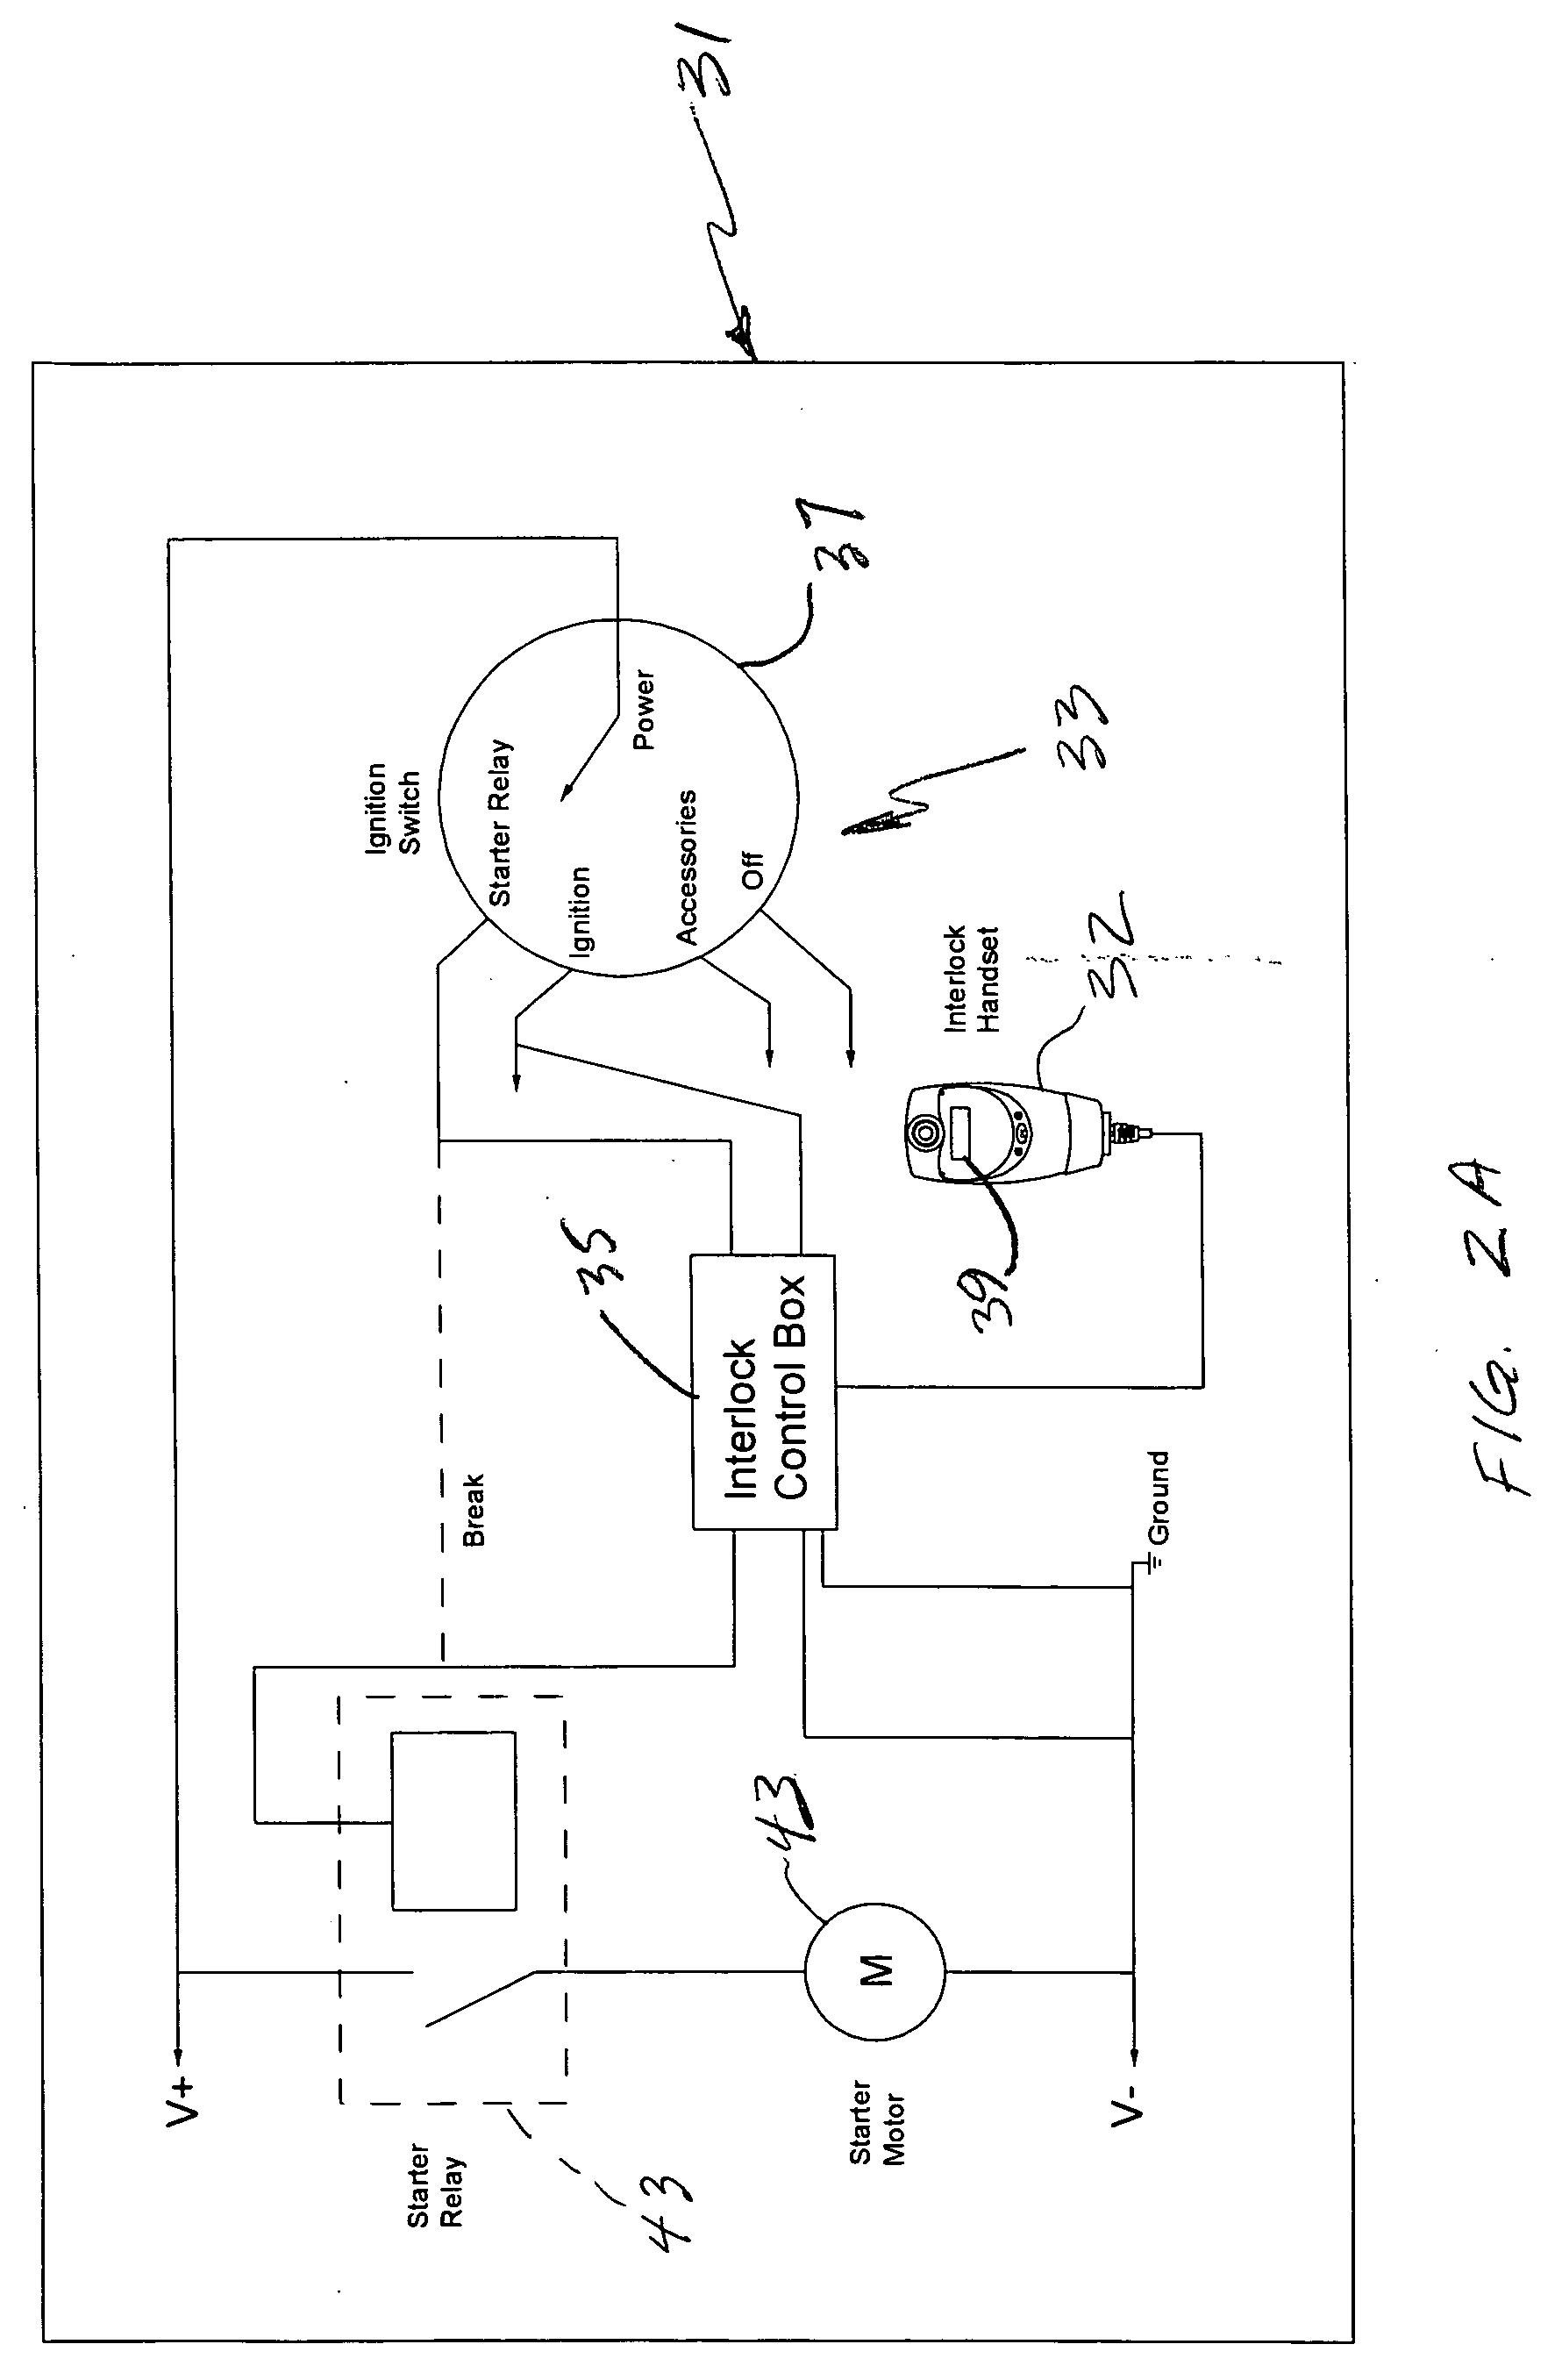 Breathalyzer Wiring Diagram Reinvent Your Peavey T 40 Draeger Interlock Detailed Schematics Rh Lelandlutheran Com How The Works Machines